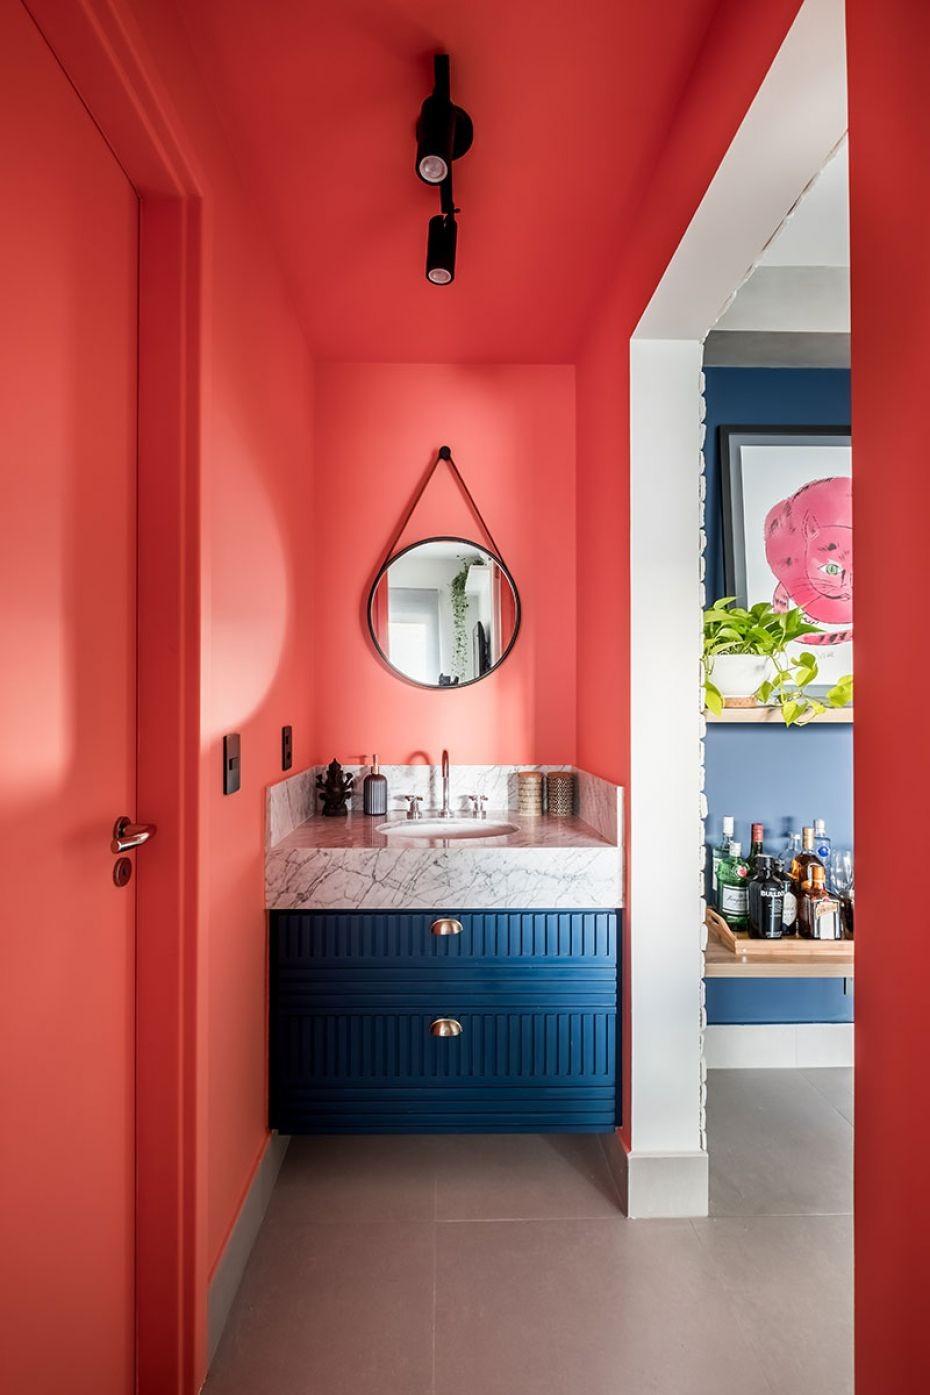 Décor do dia: banheiro pequeno com paredes em coral (Foto: Nathalie Artaxo/Divulgação)